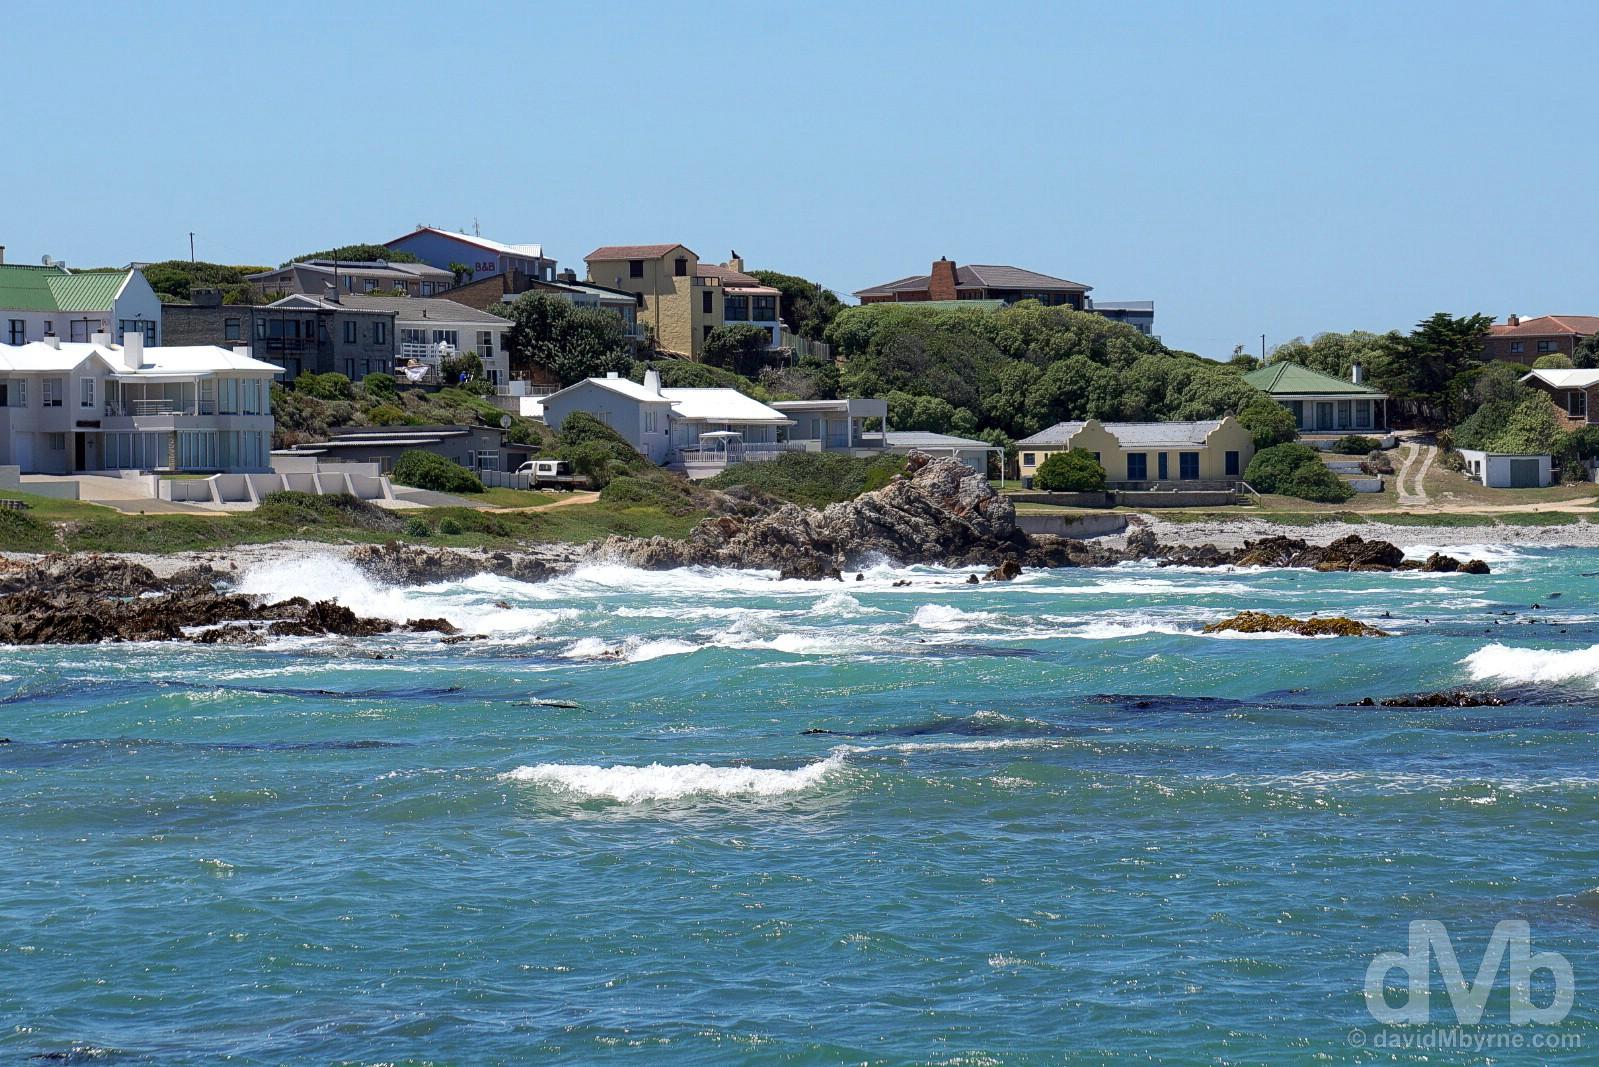 Van Dyks Bay, Kleinbaai, Overberg, Western Cape, South Africa. February 21, 2017.